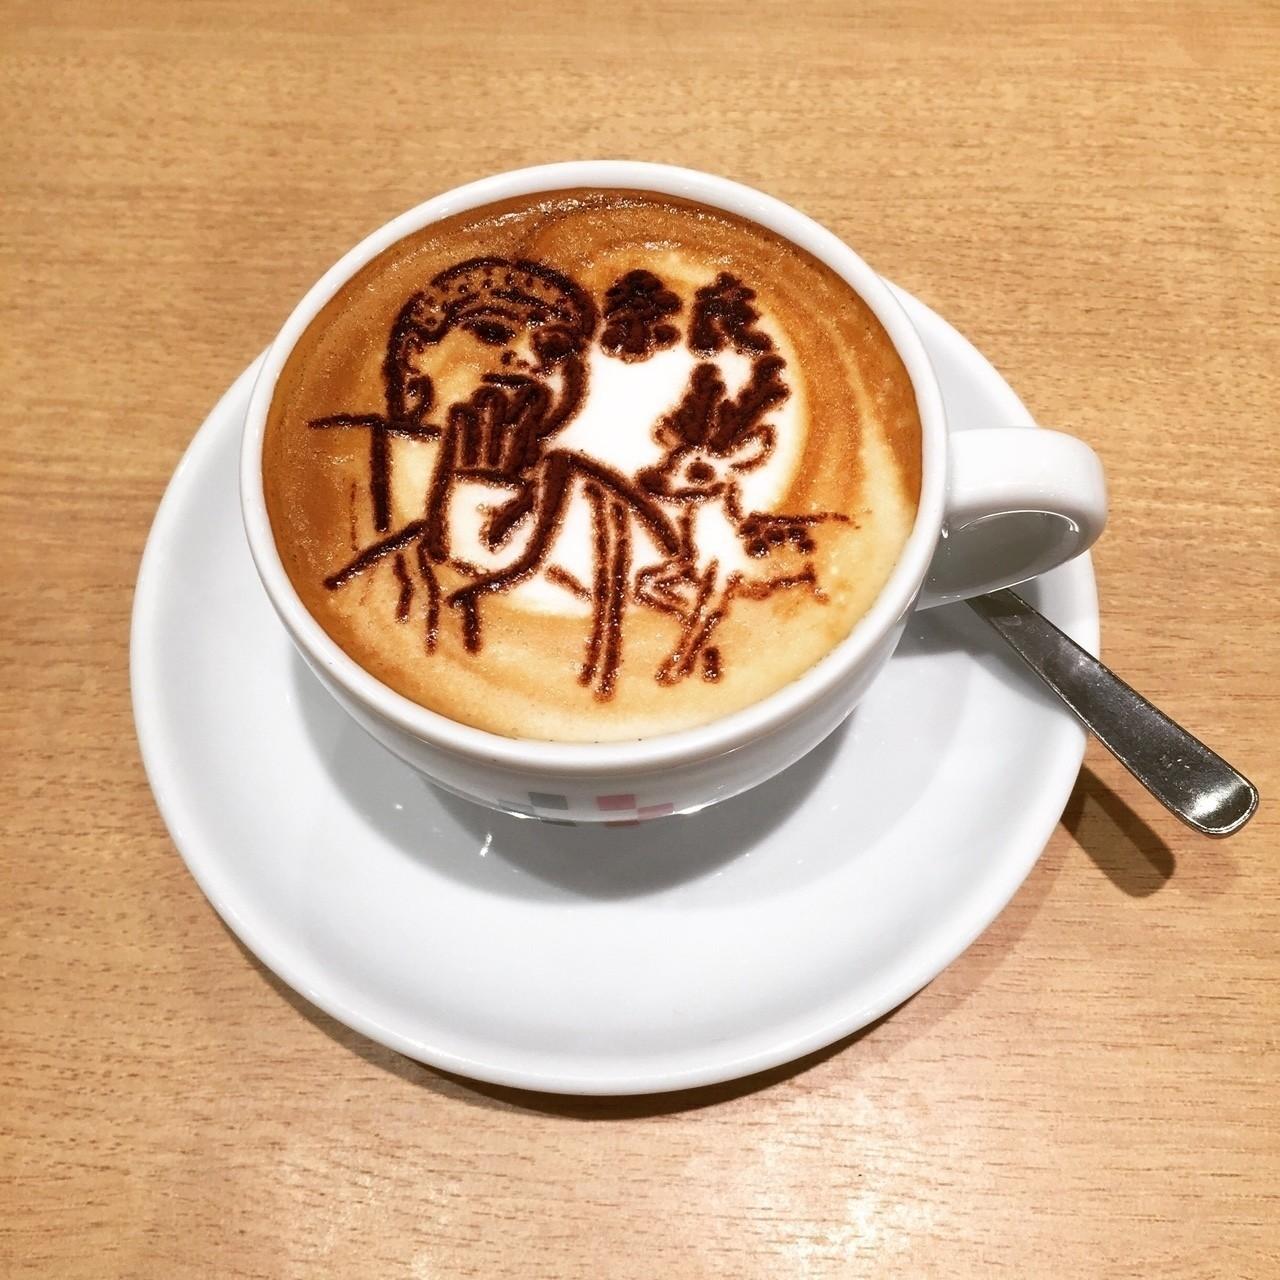 近鉄奈良駅改札出てすぐのカフェにて☕️ 大仏と鹿がパウダーで描かれてるザ・奈良なお飲み物。美味しいっす。 #奈良 #旅 #てくてく散歩